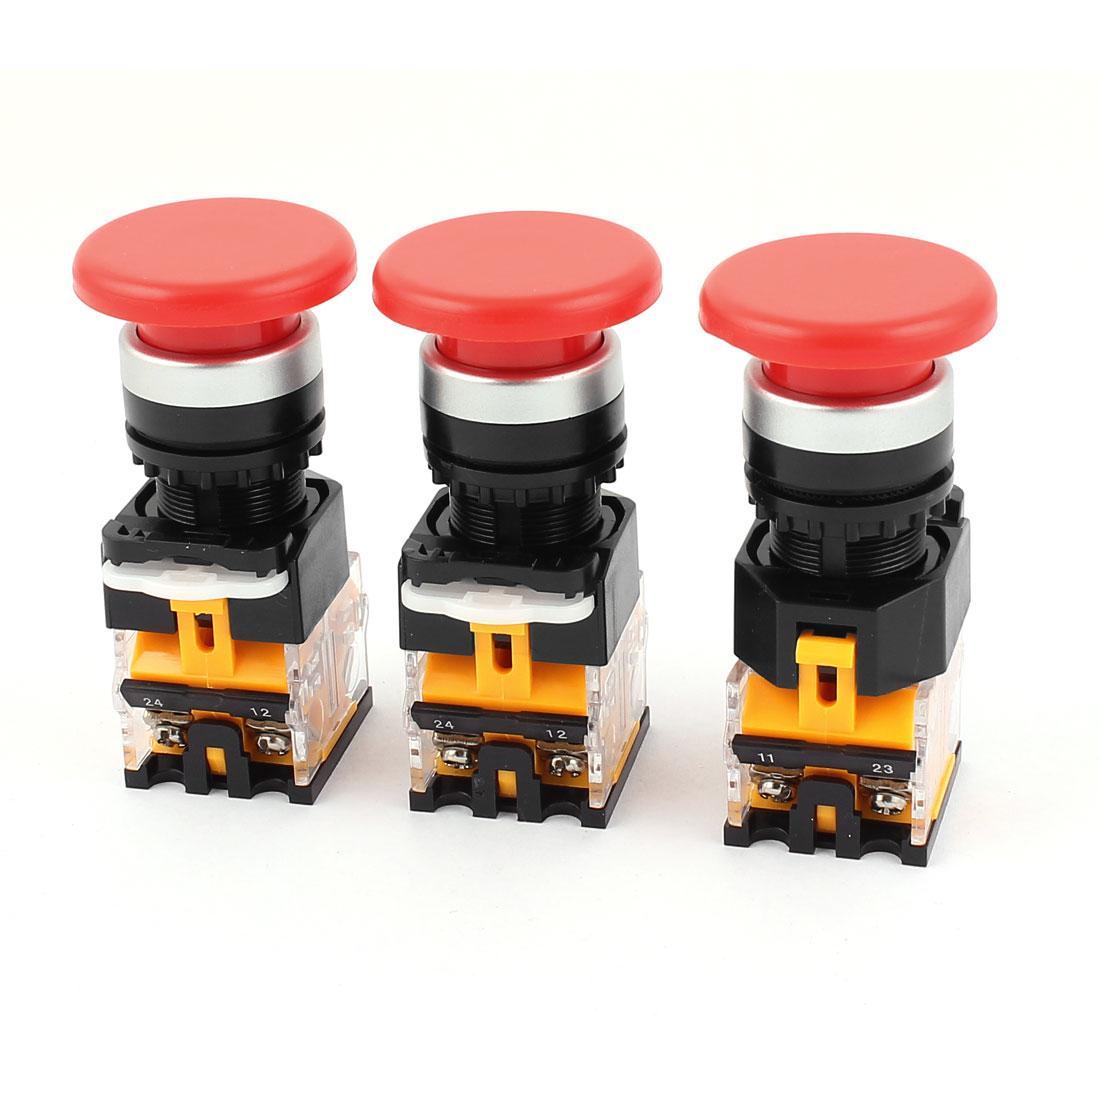 3pcs AC 660V 10A NO/NC 4Pin Mushroom Emergency Stop Red Push Button Switch